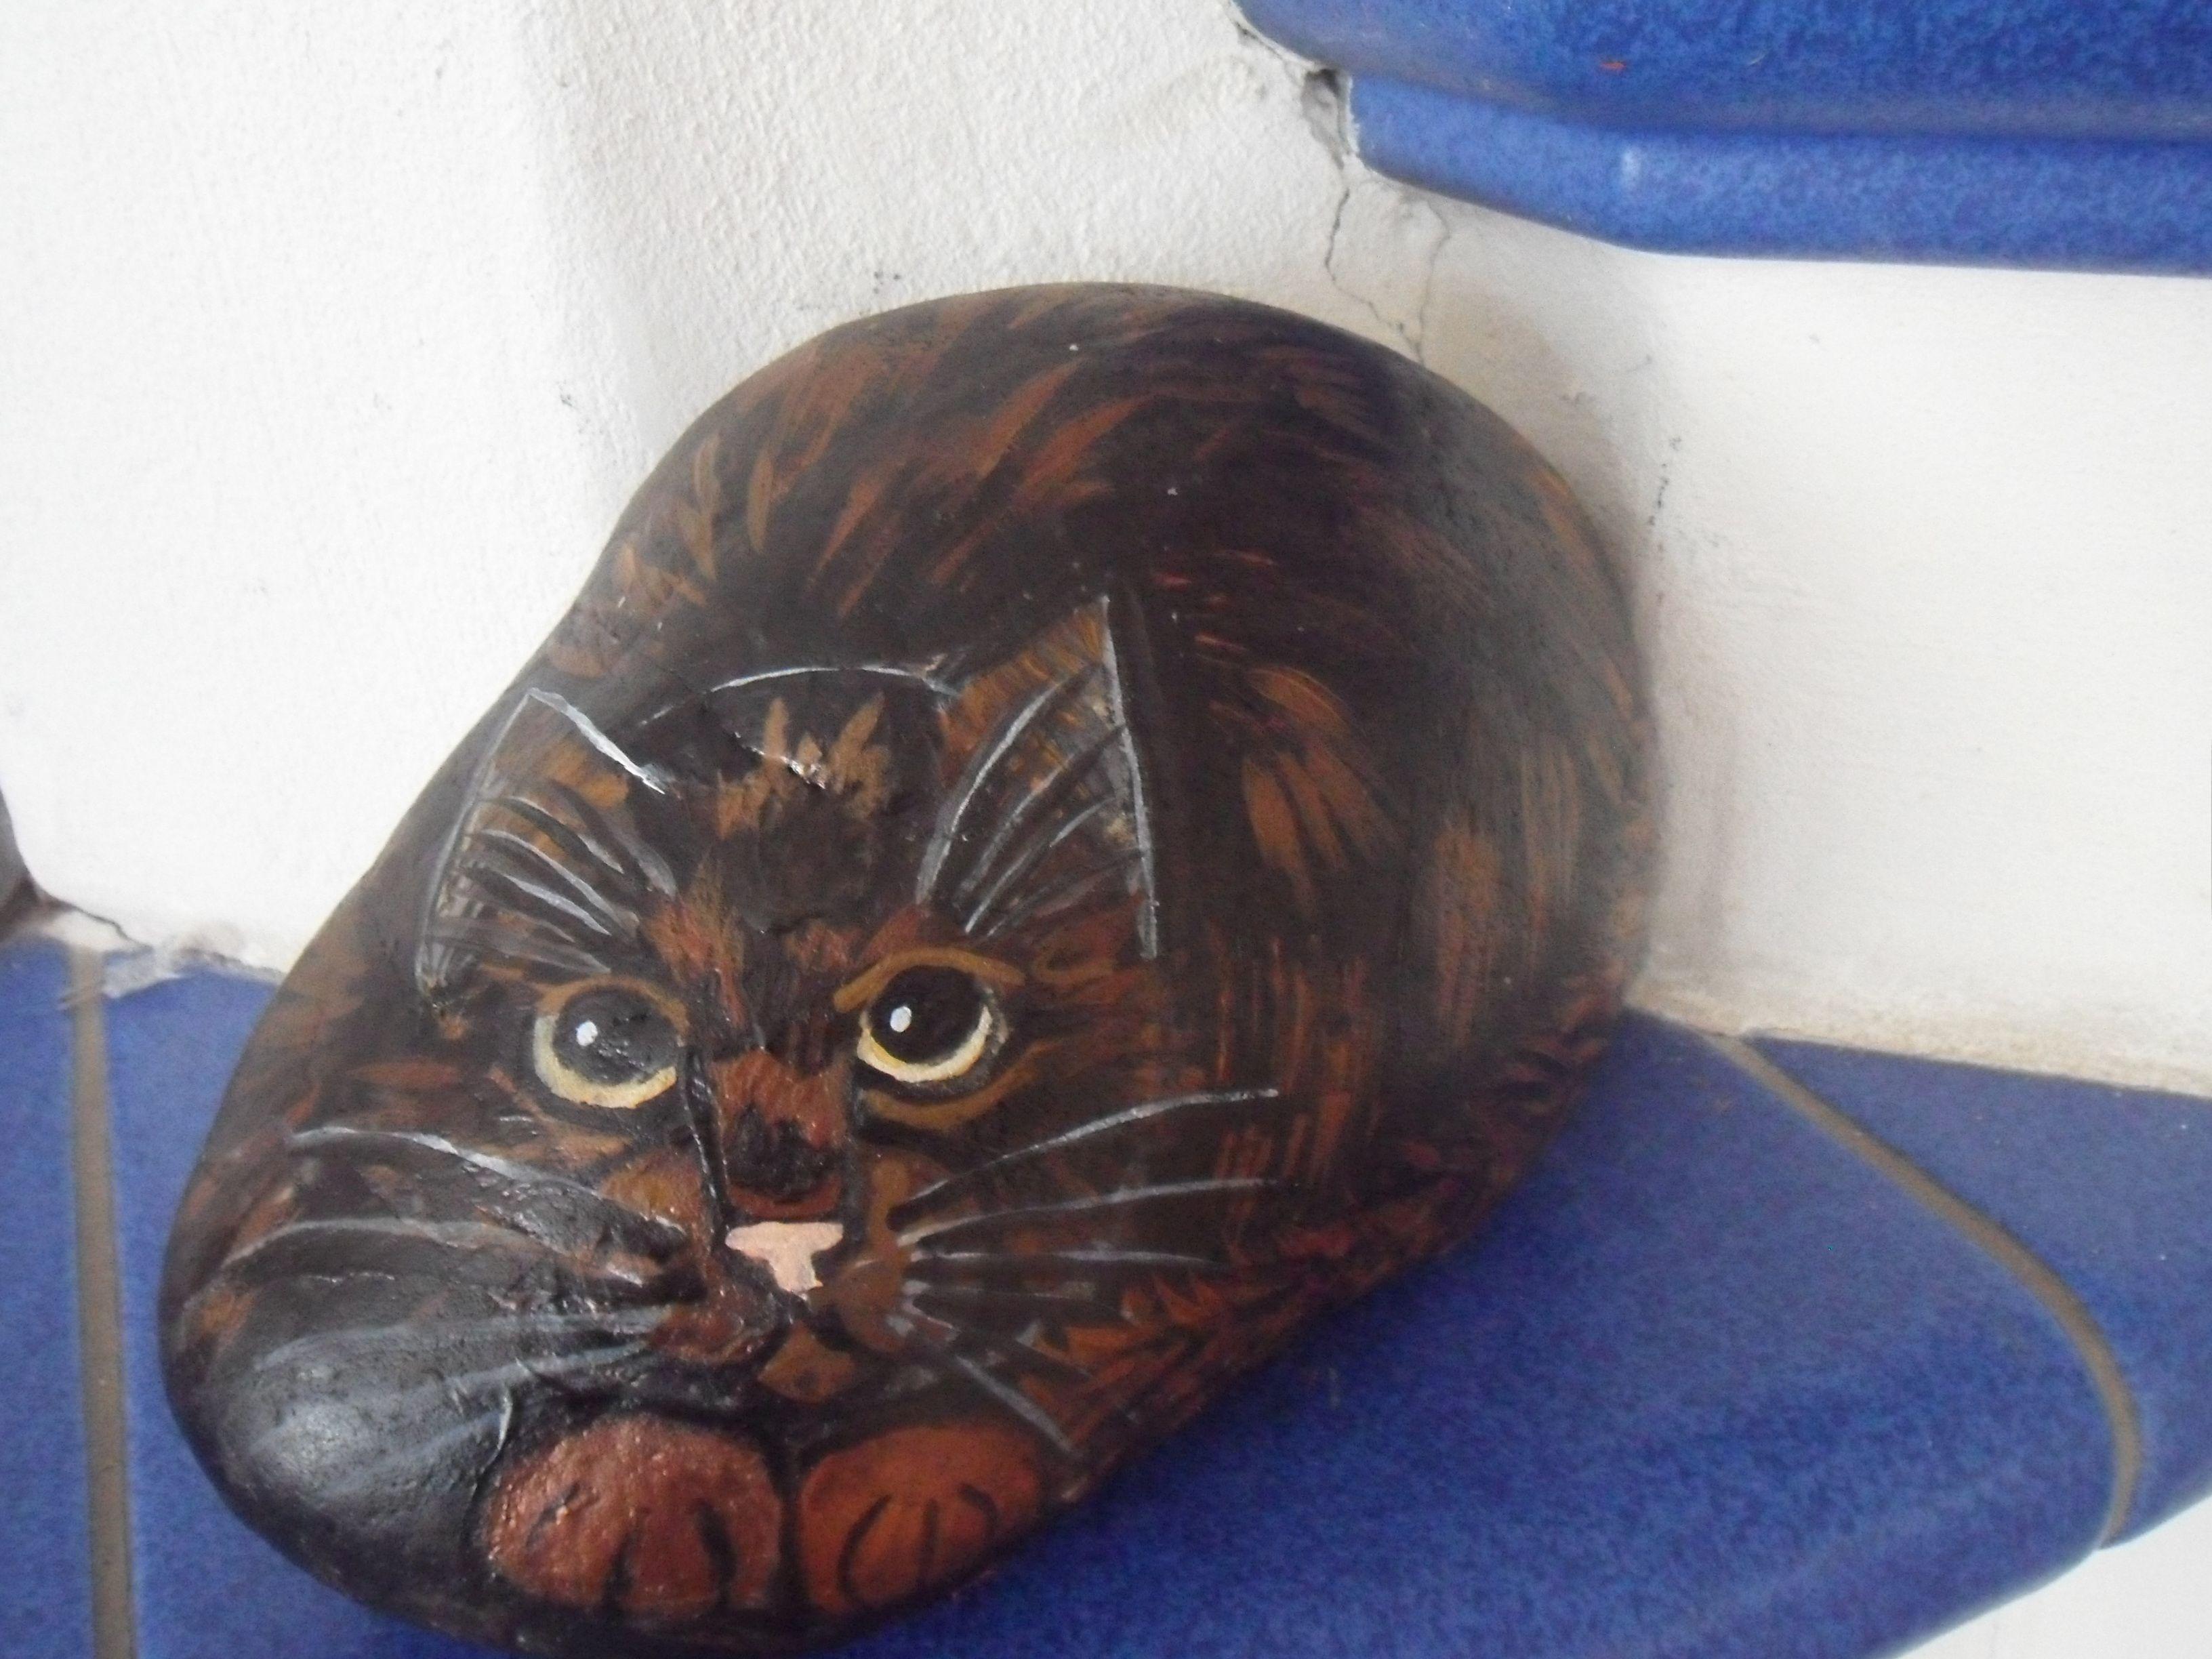 bemalter stein katze schildpatt bei ebay bemalter stein bemalte steine katzen tiere auf. Black Bedroom Furniture Sets. Home Design Ideas